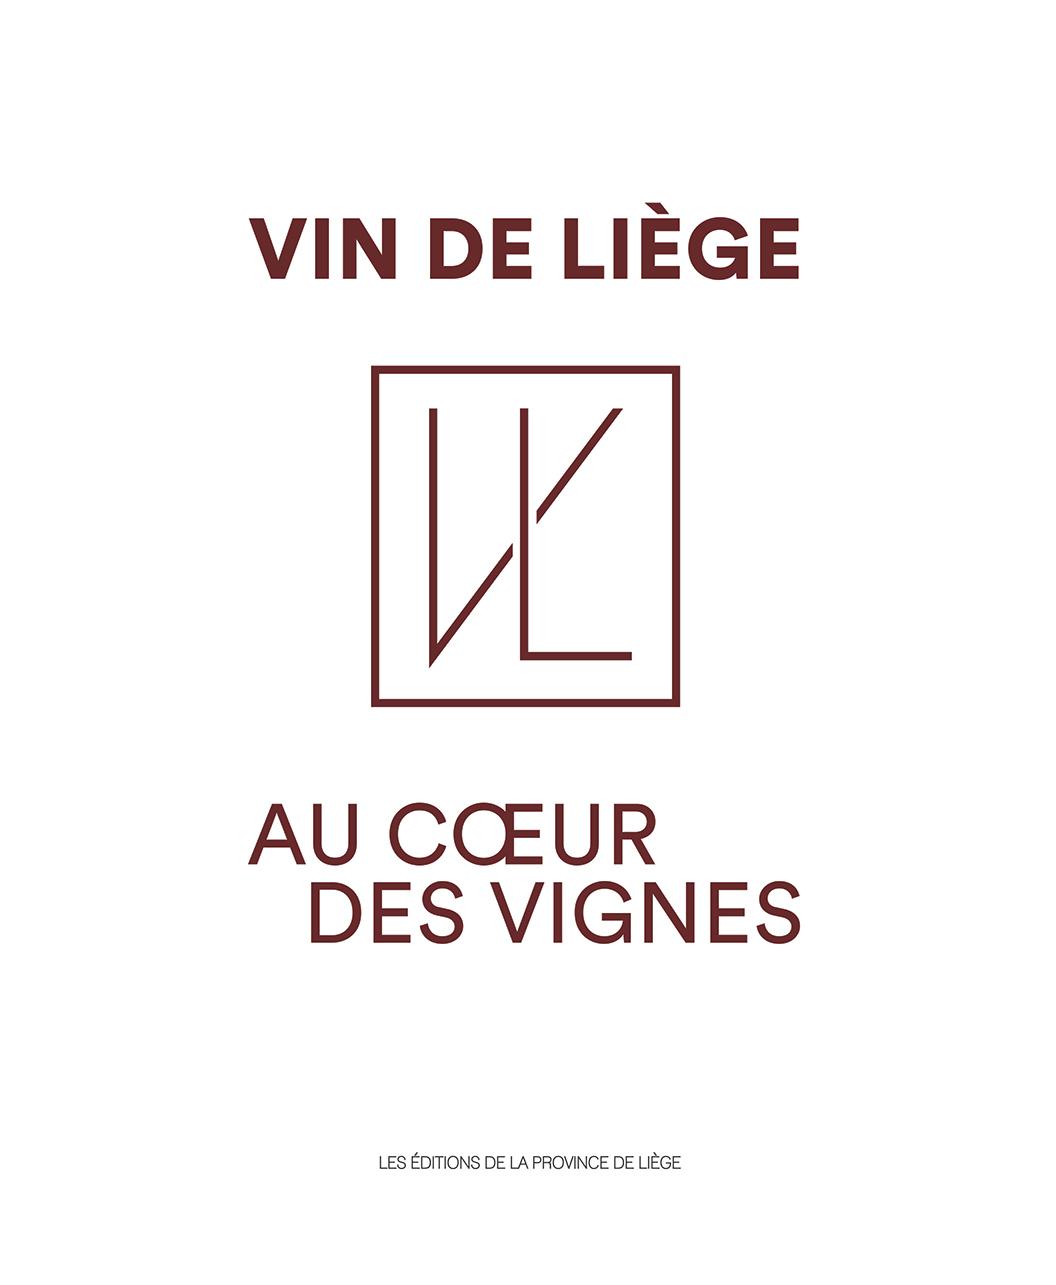 Vin de Liège